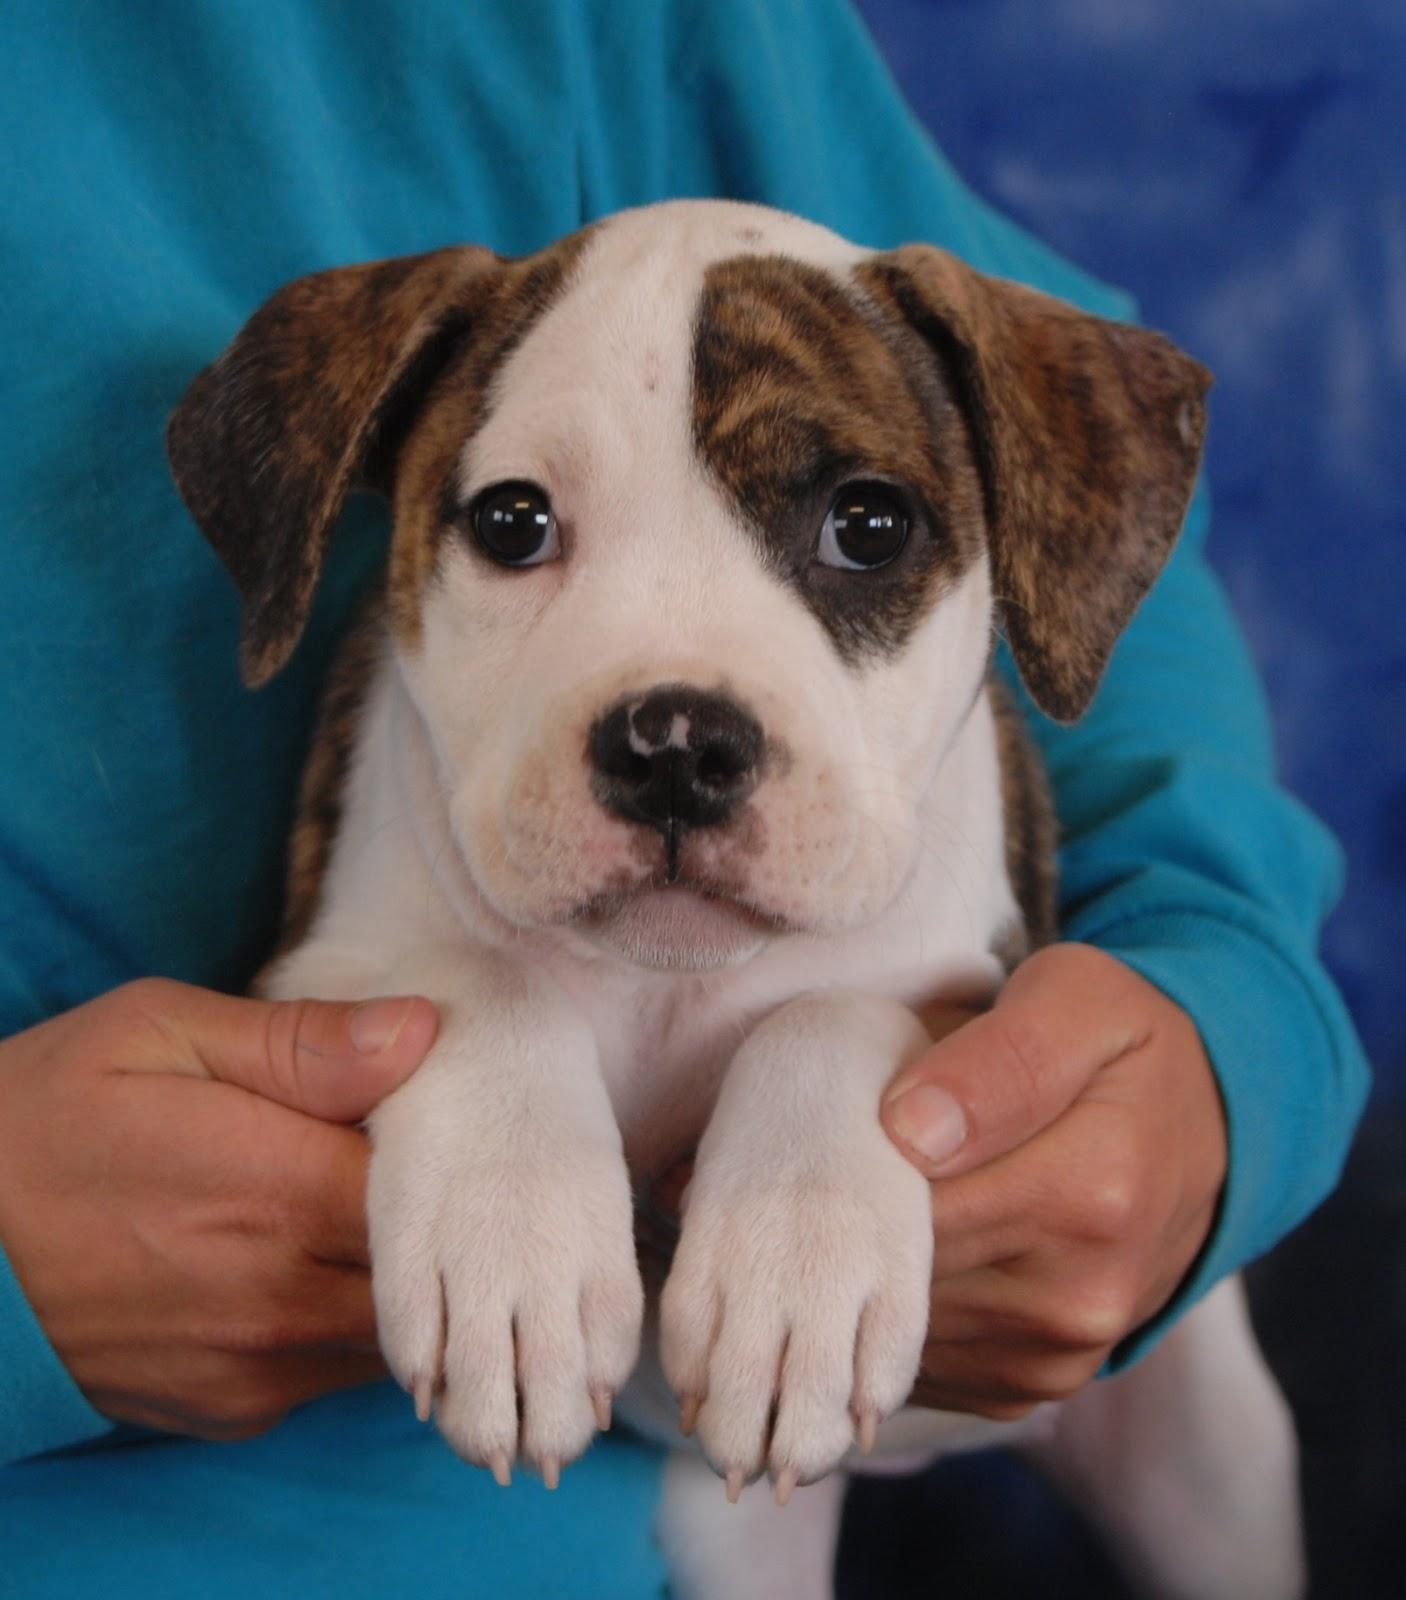 Burlington Spca Dogs For Adoption